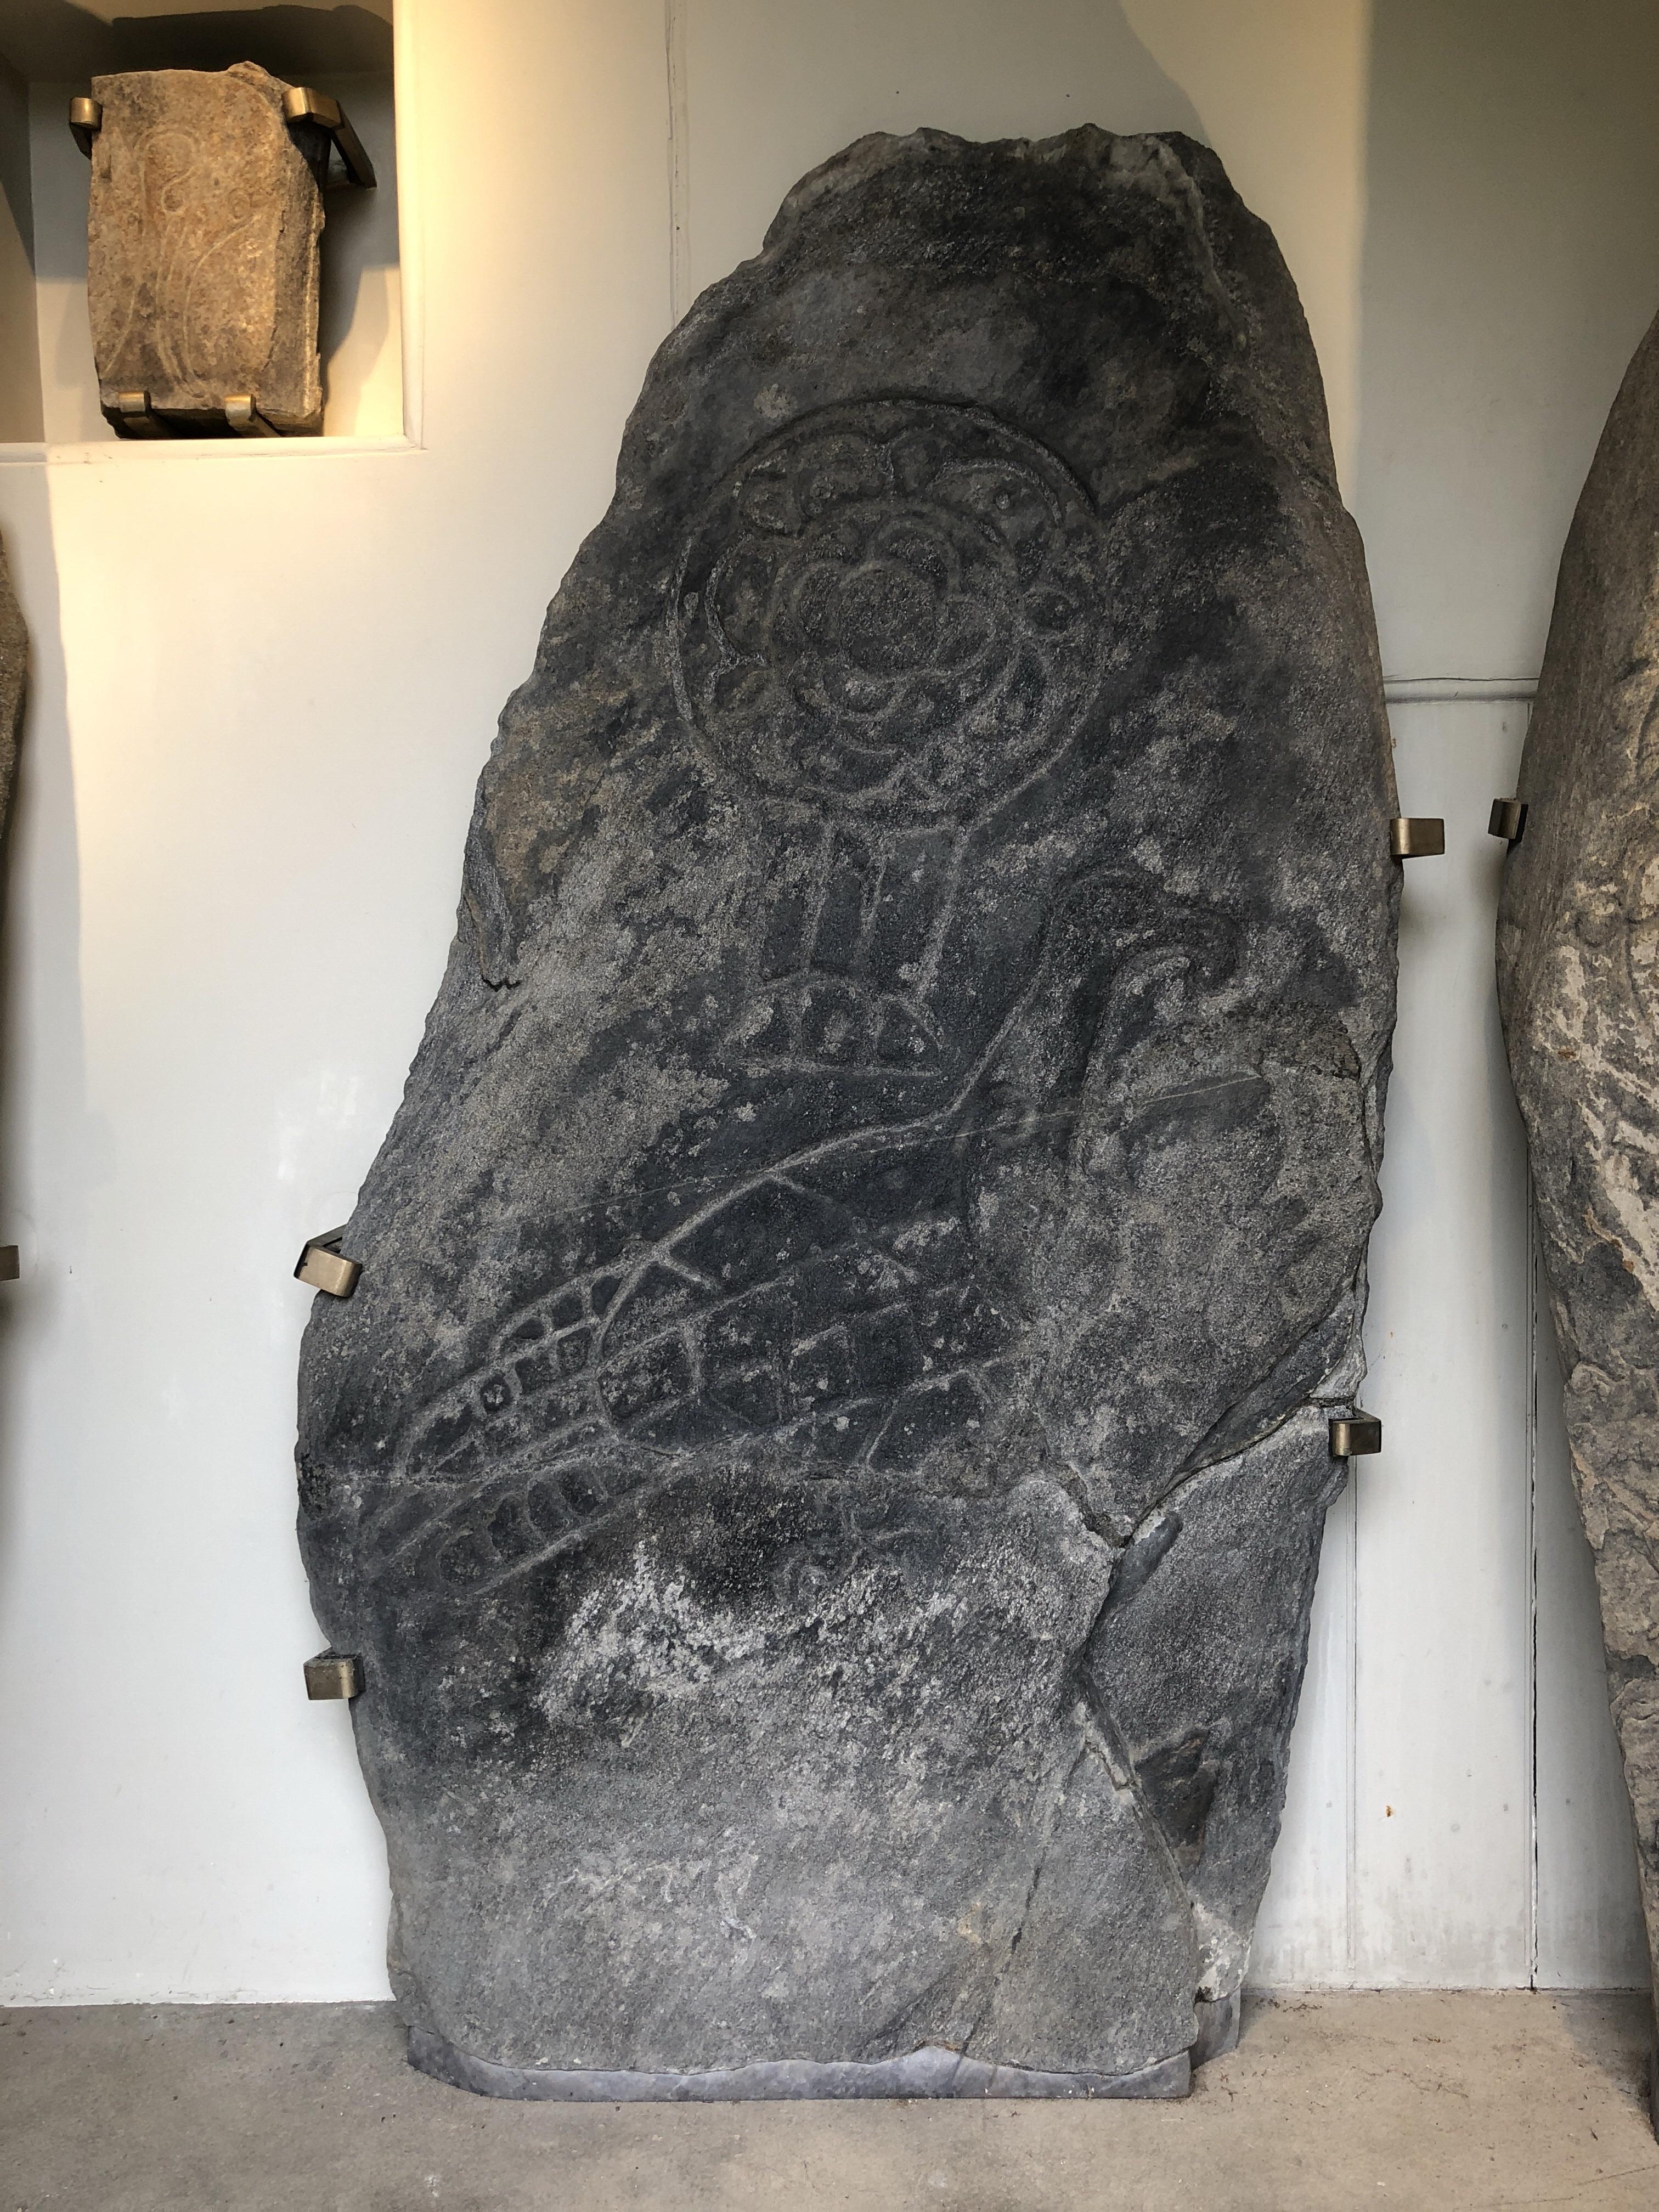 Kintore Pictish Stones